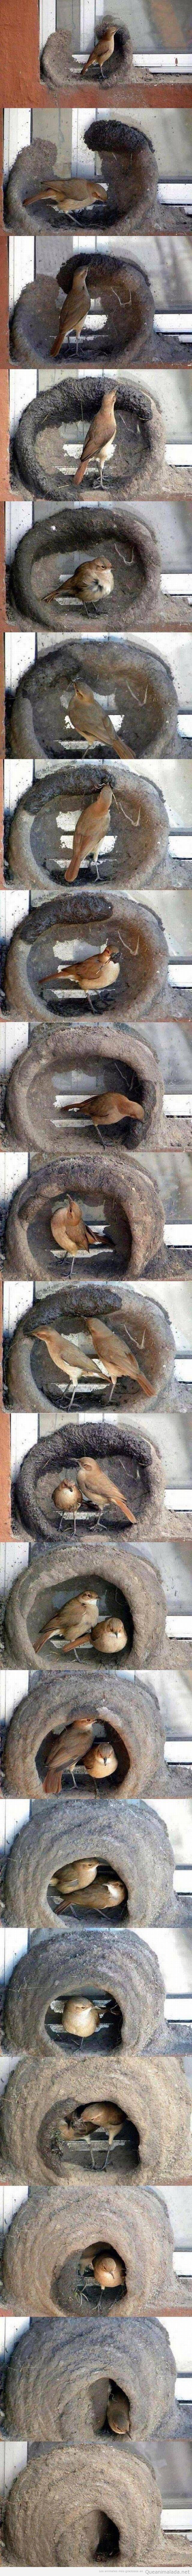 Fotos del proceso de construcción de un nido